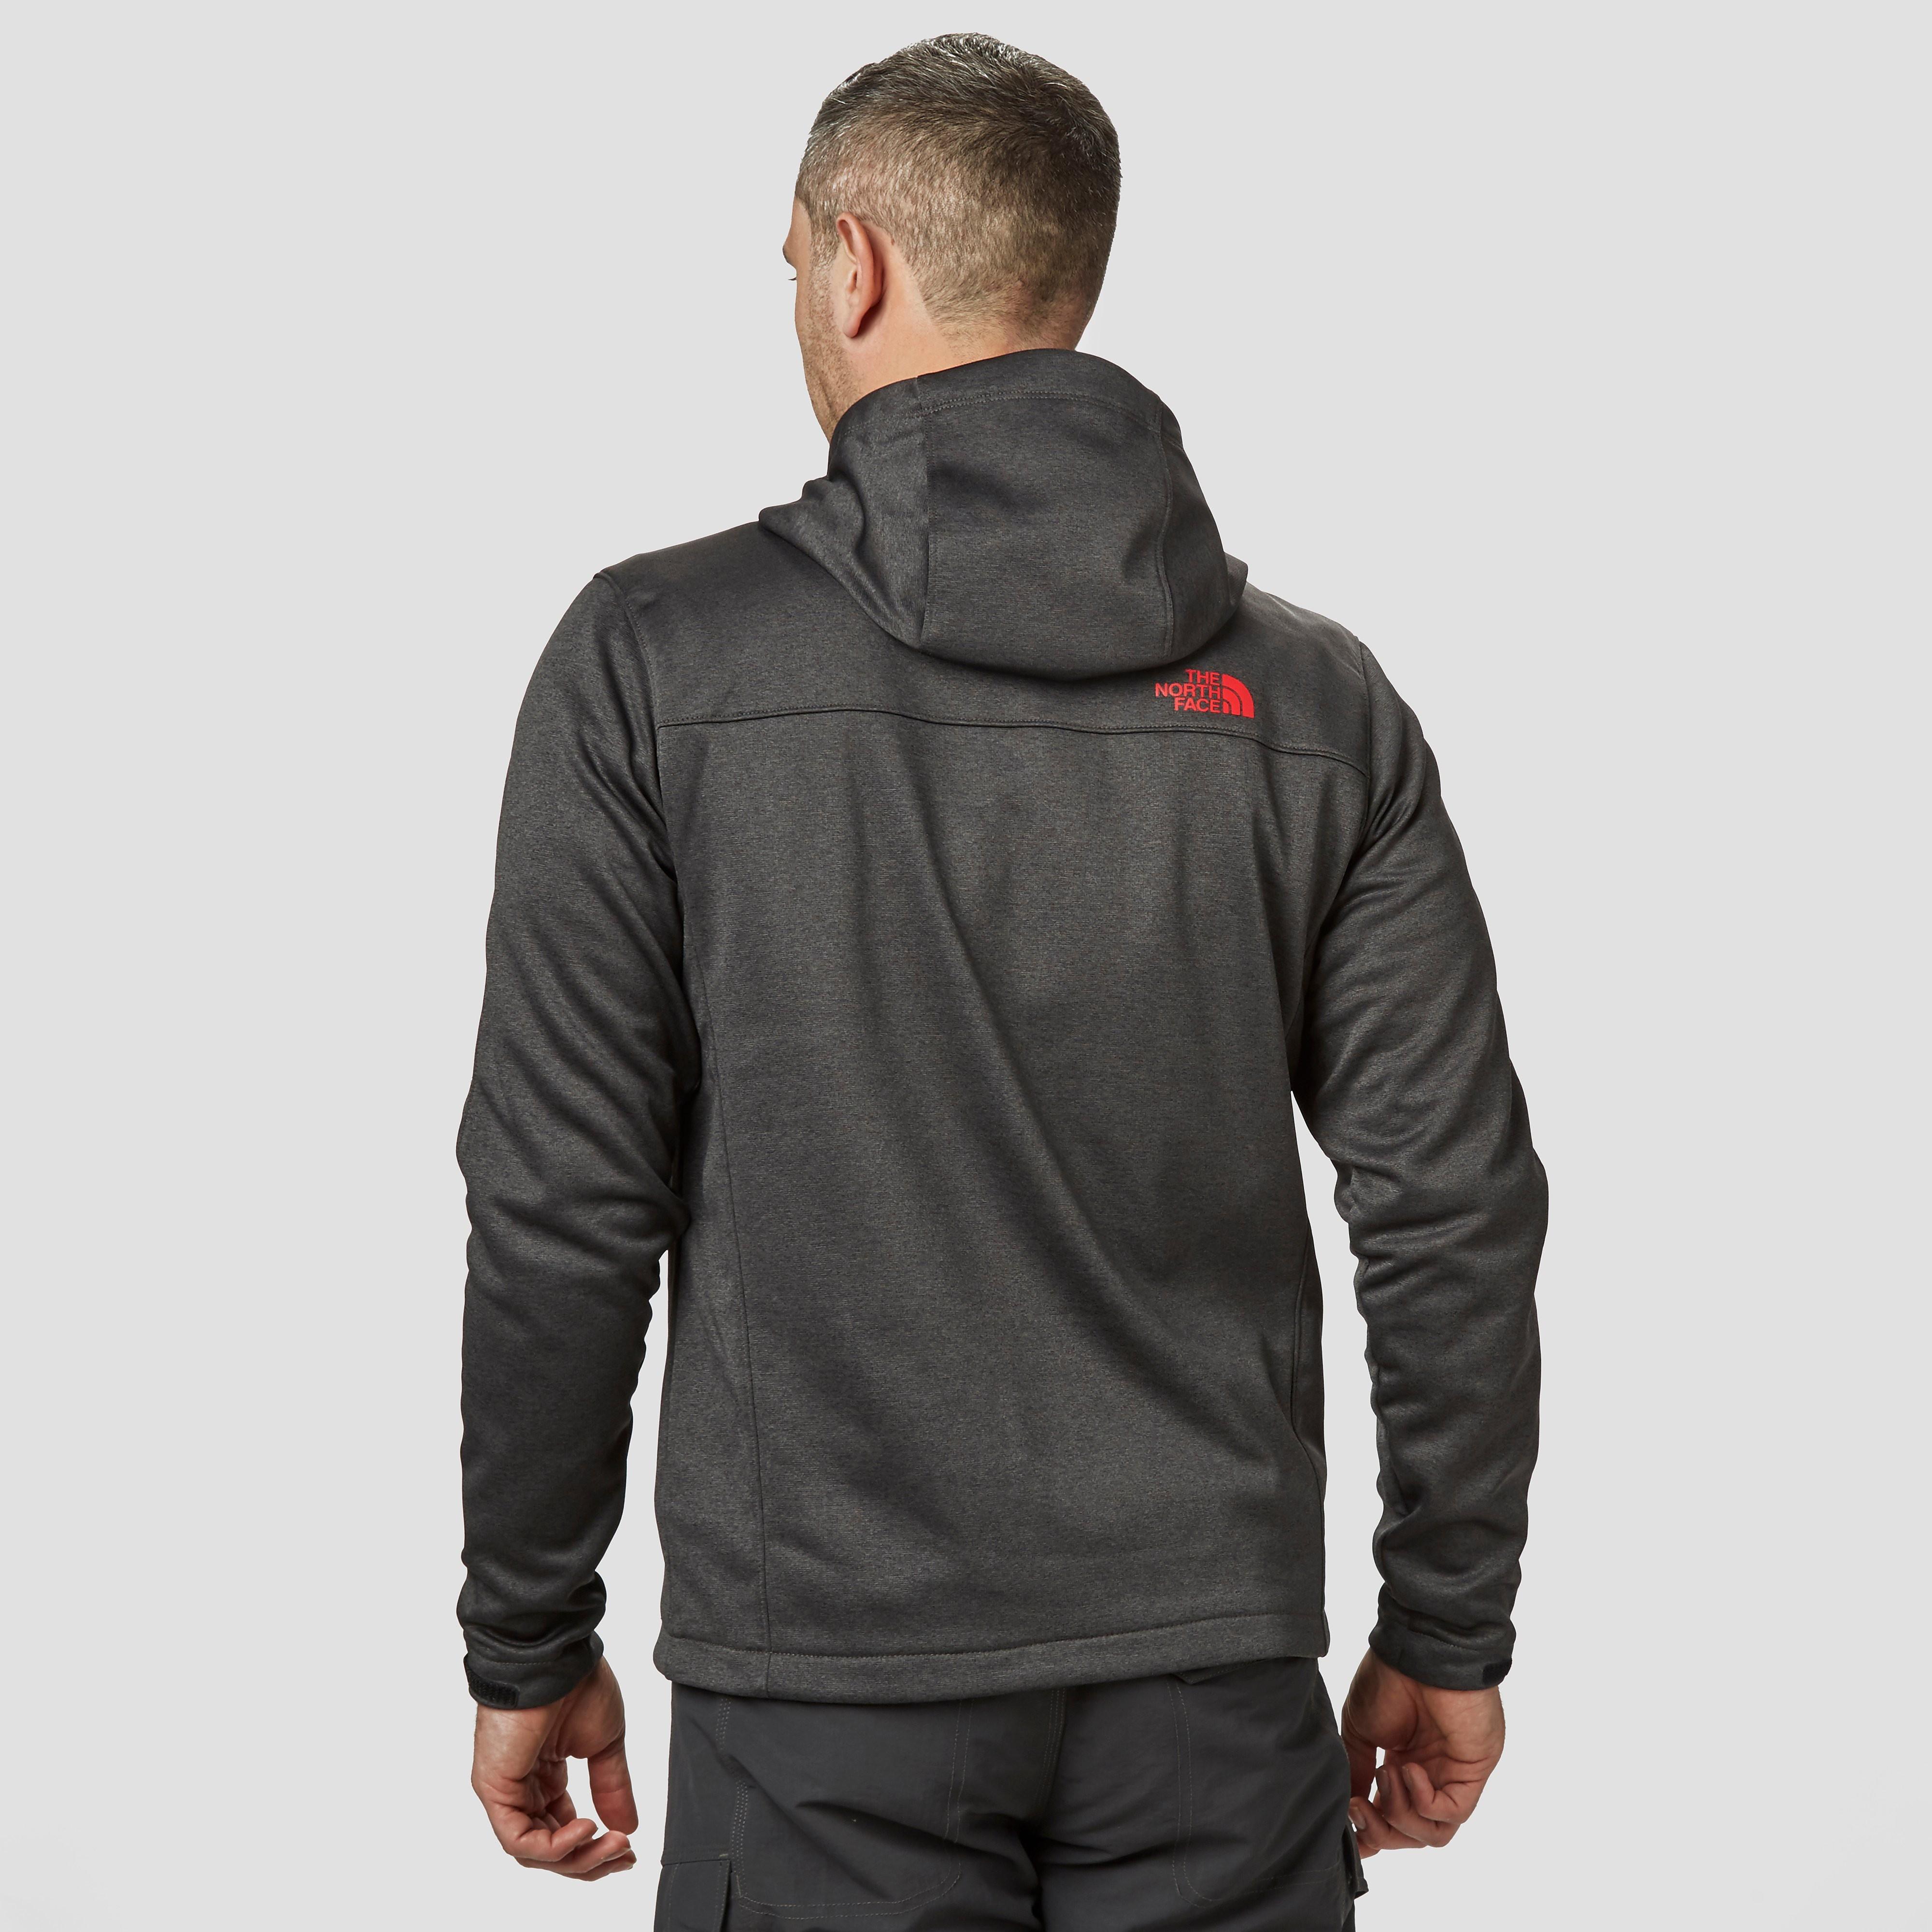 The North Face Tech Fleece Men's Jacket